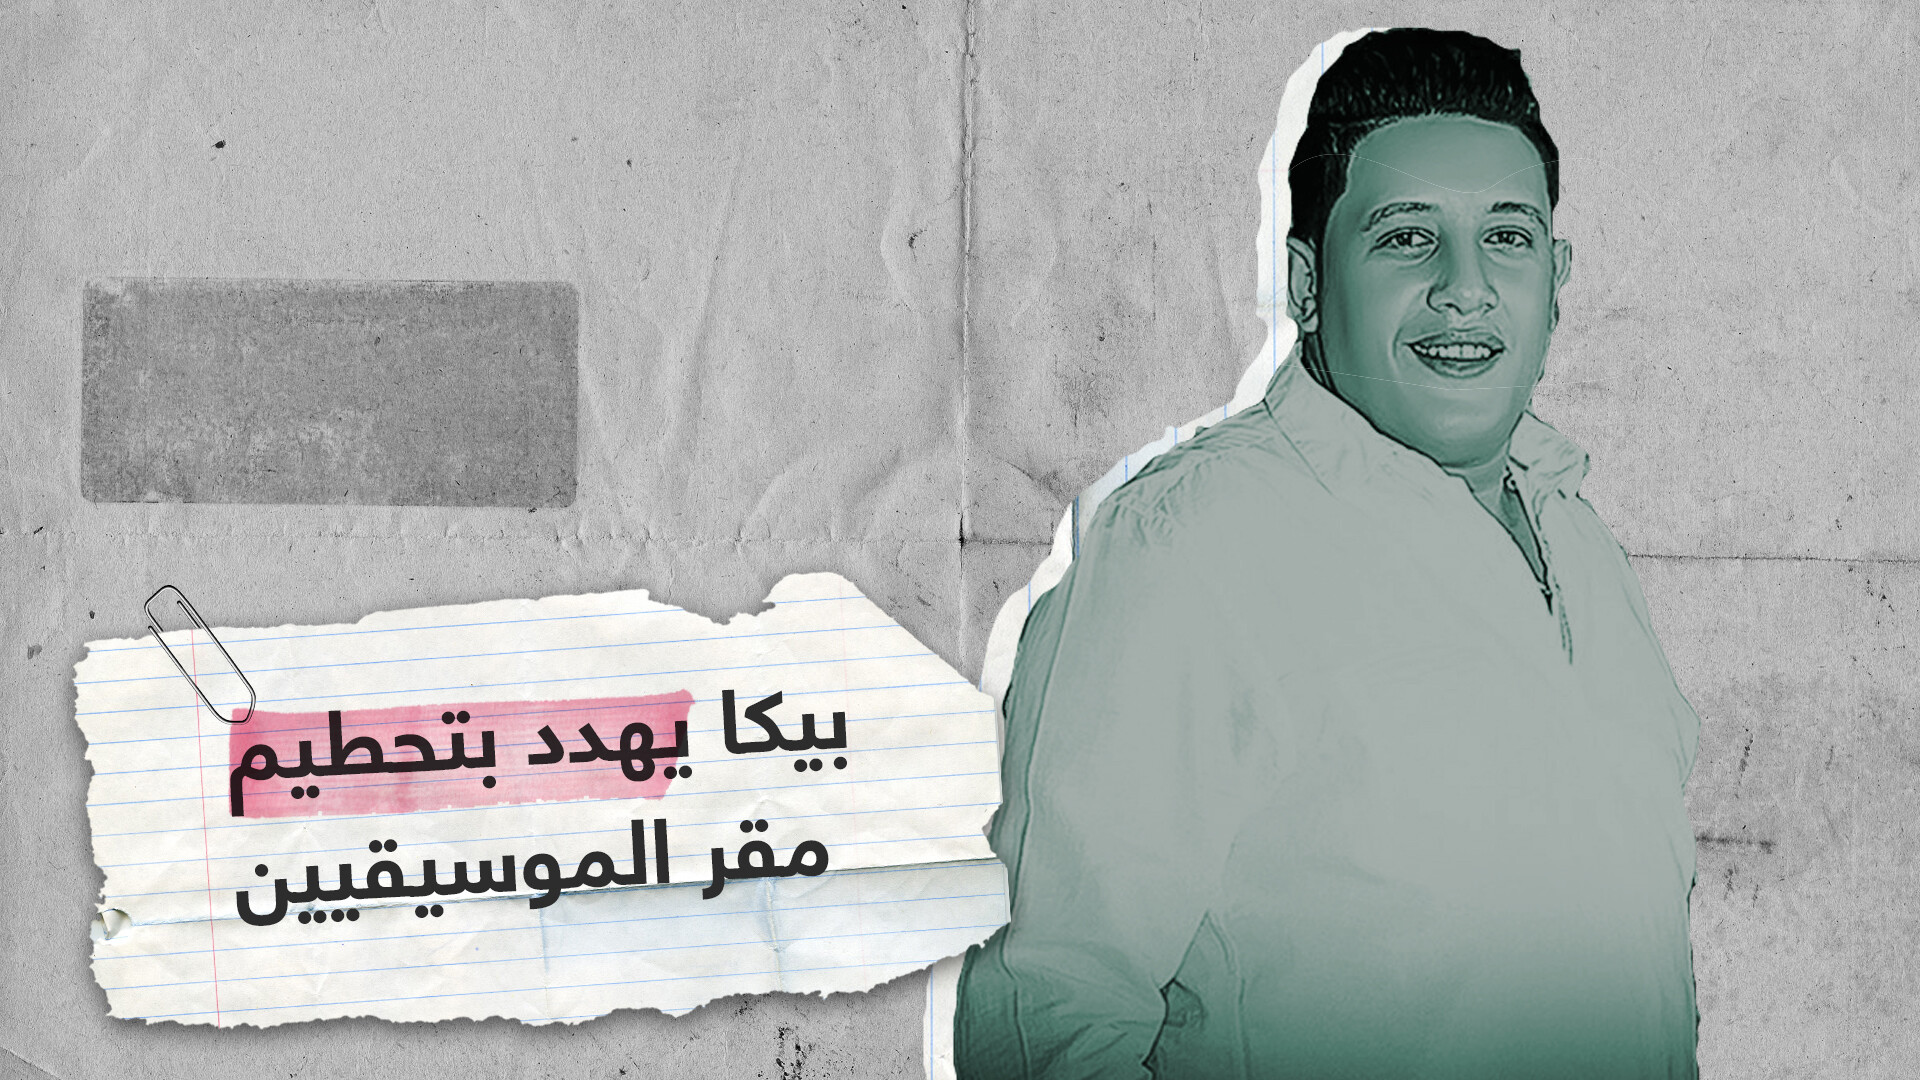 """""""حمو بيكا"""" يثير أزمة مع نقابة المهن الموسيقية في مصر.. ما القصة؟"""